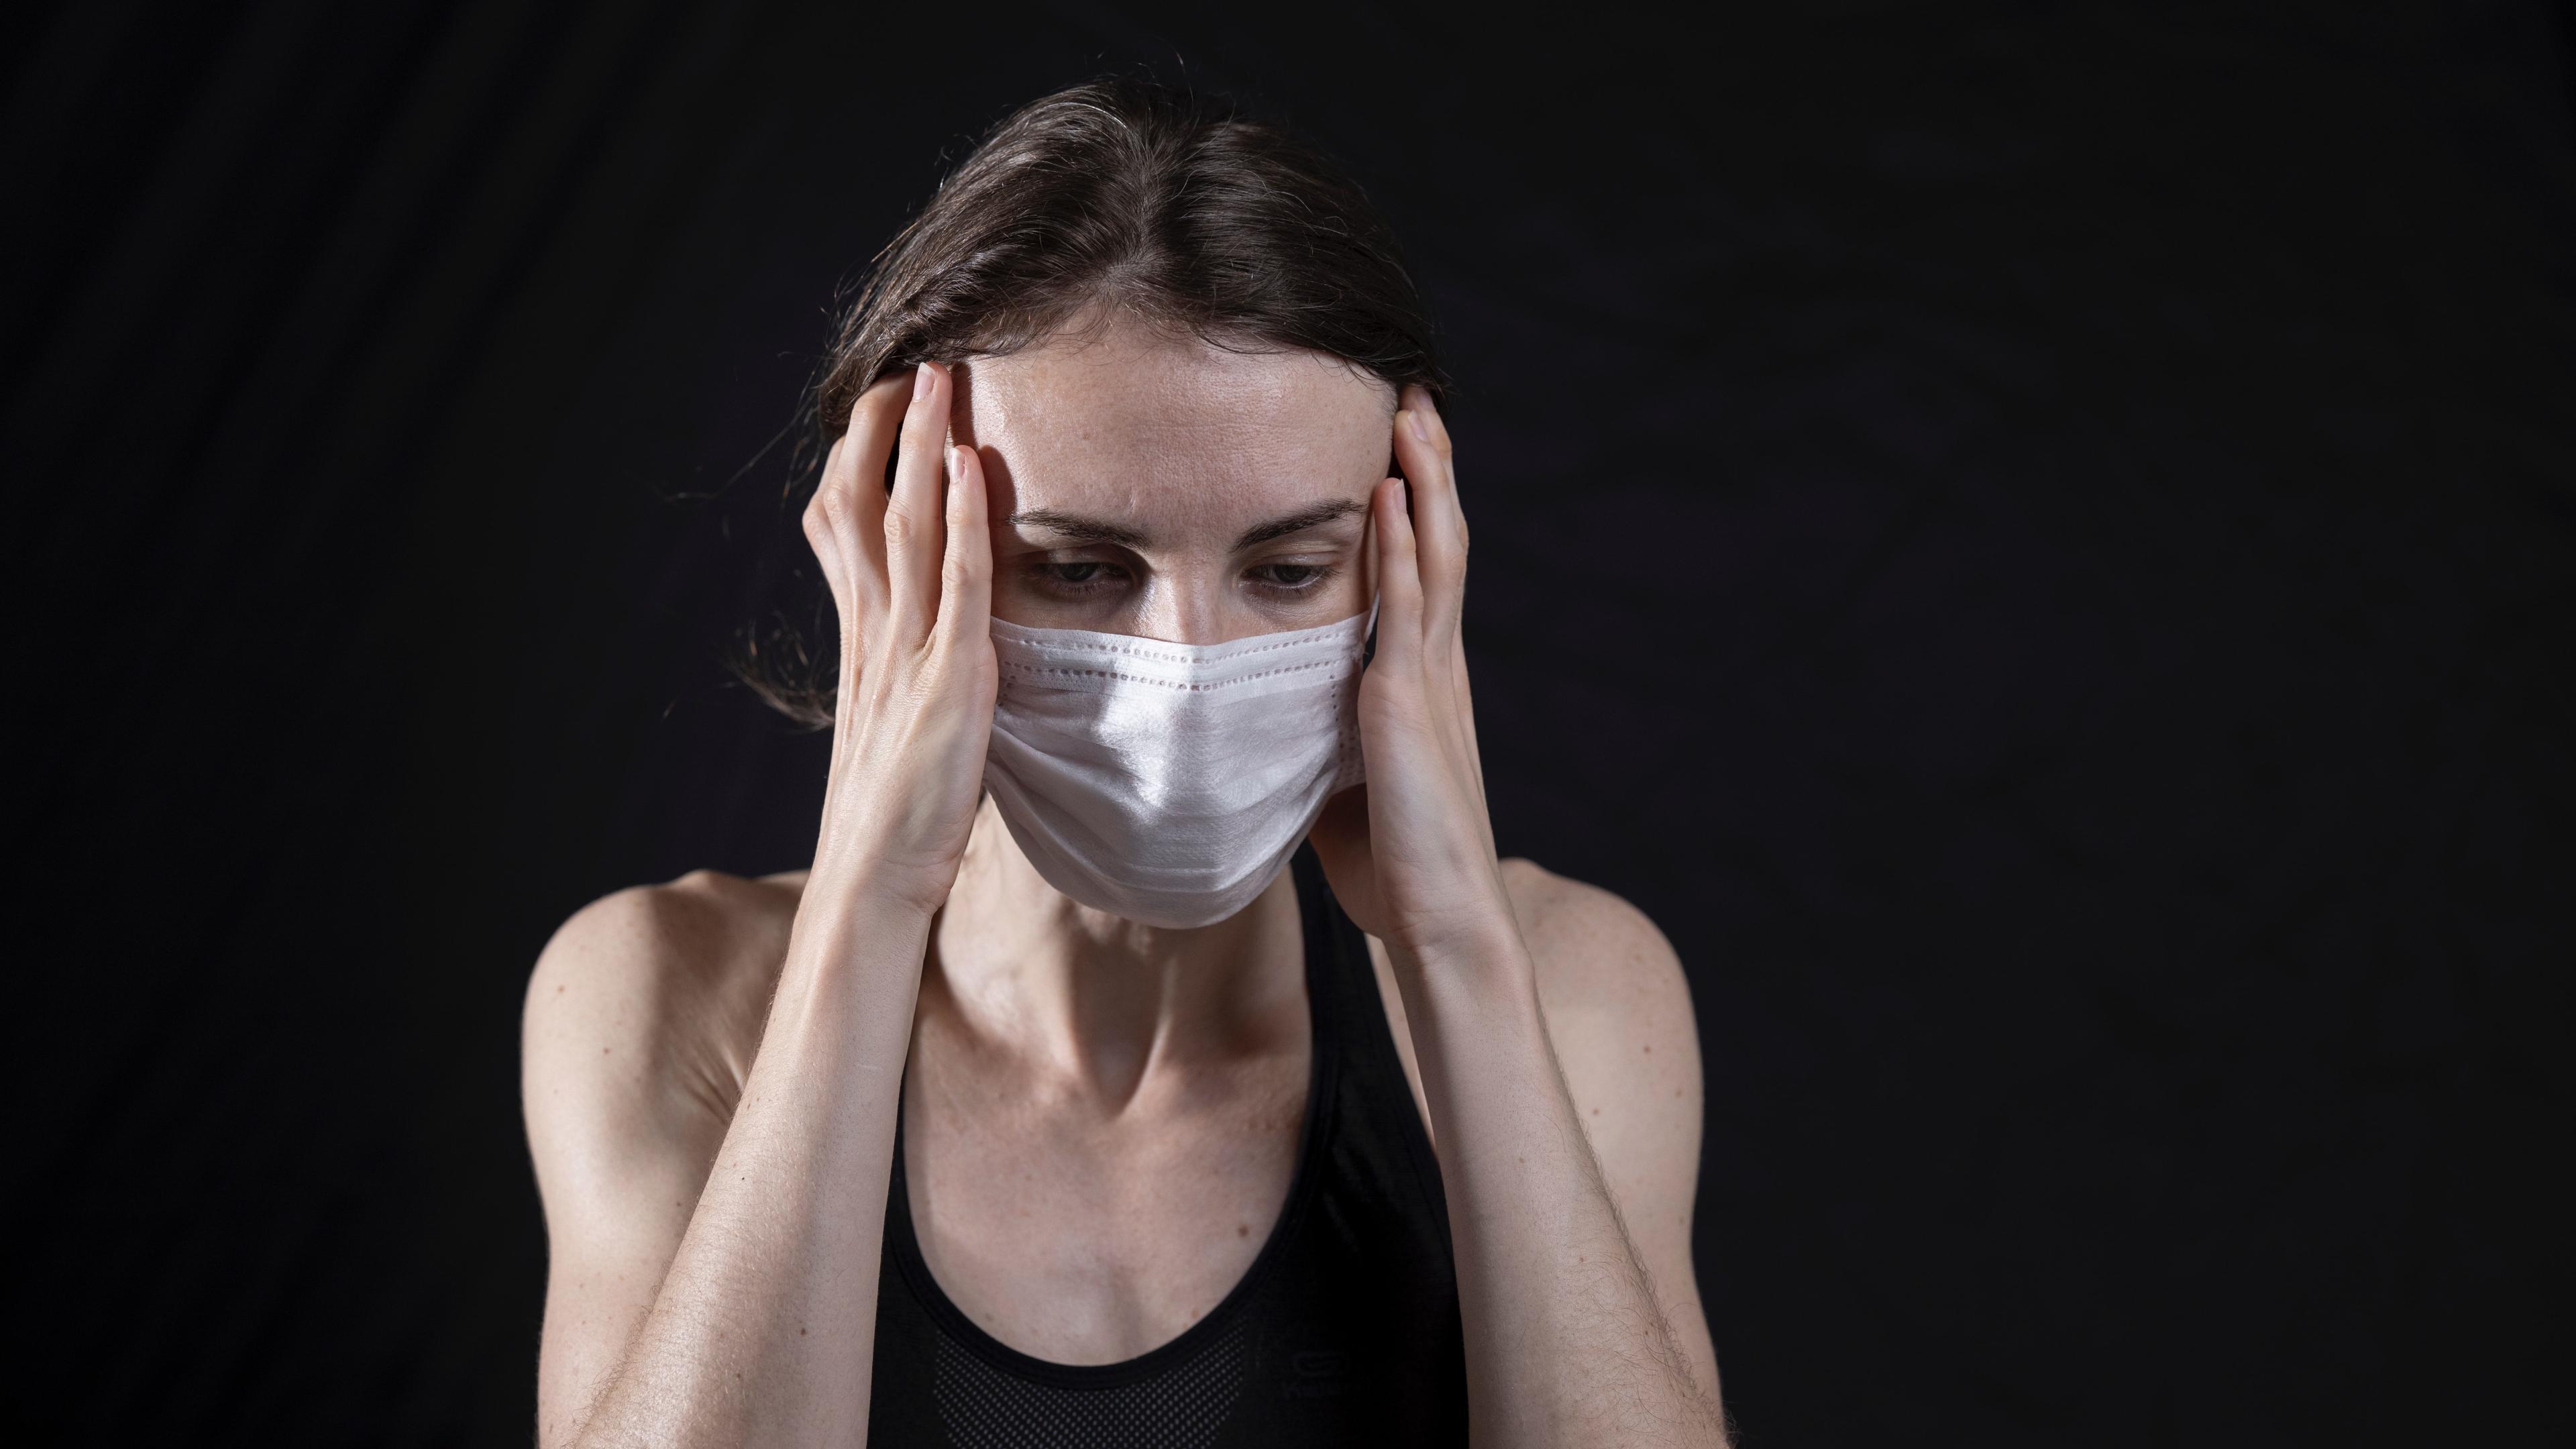 Неврологические и психиатрические симптомы COVID-19: норма даже в легкой форме болезни